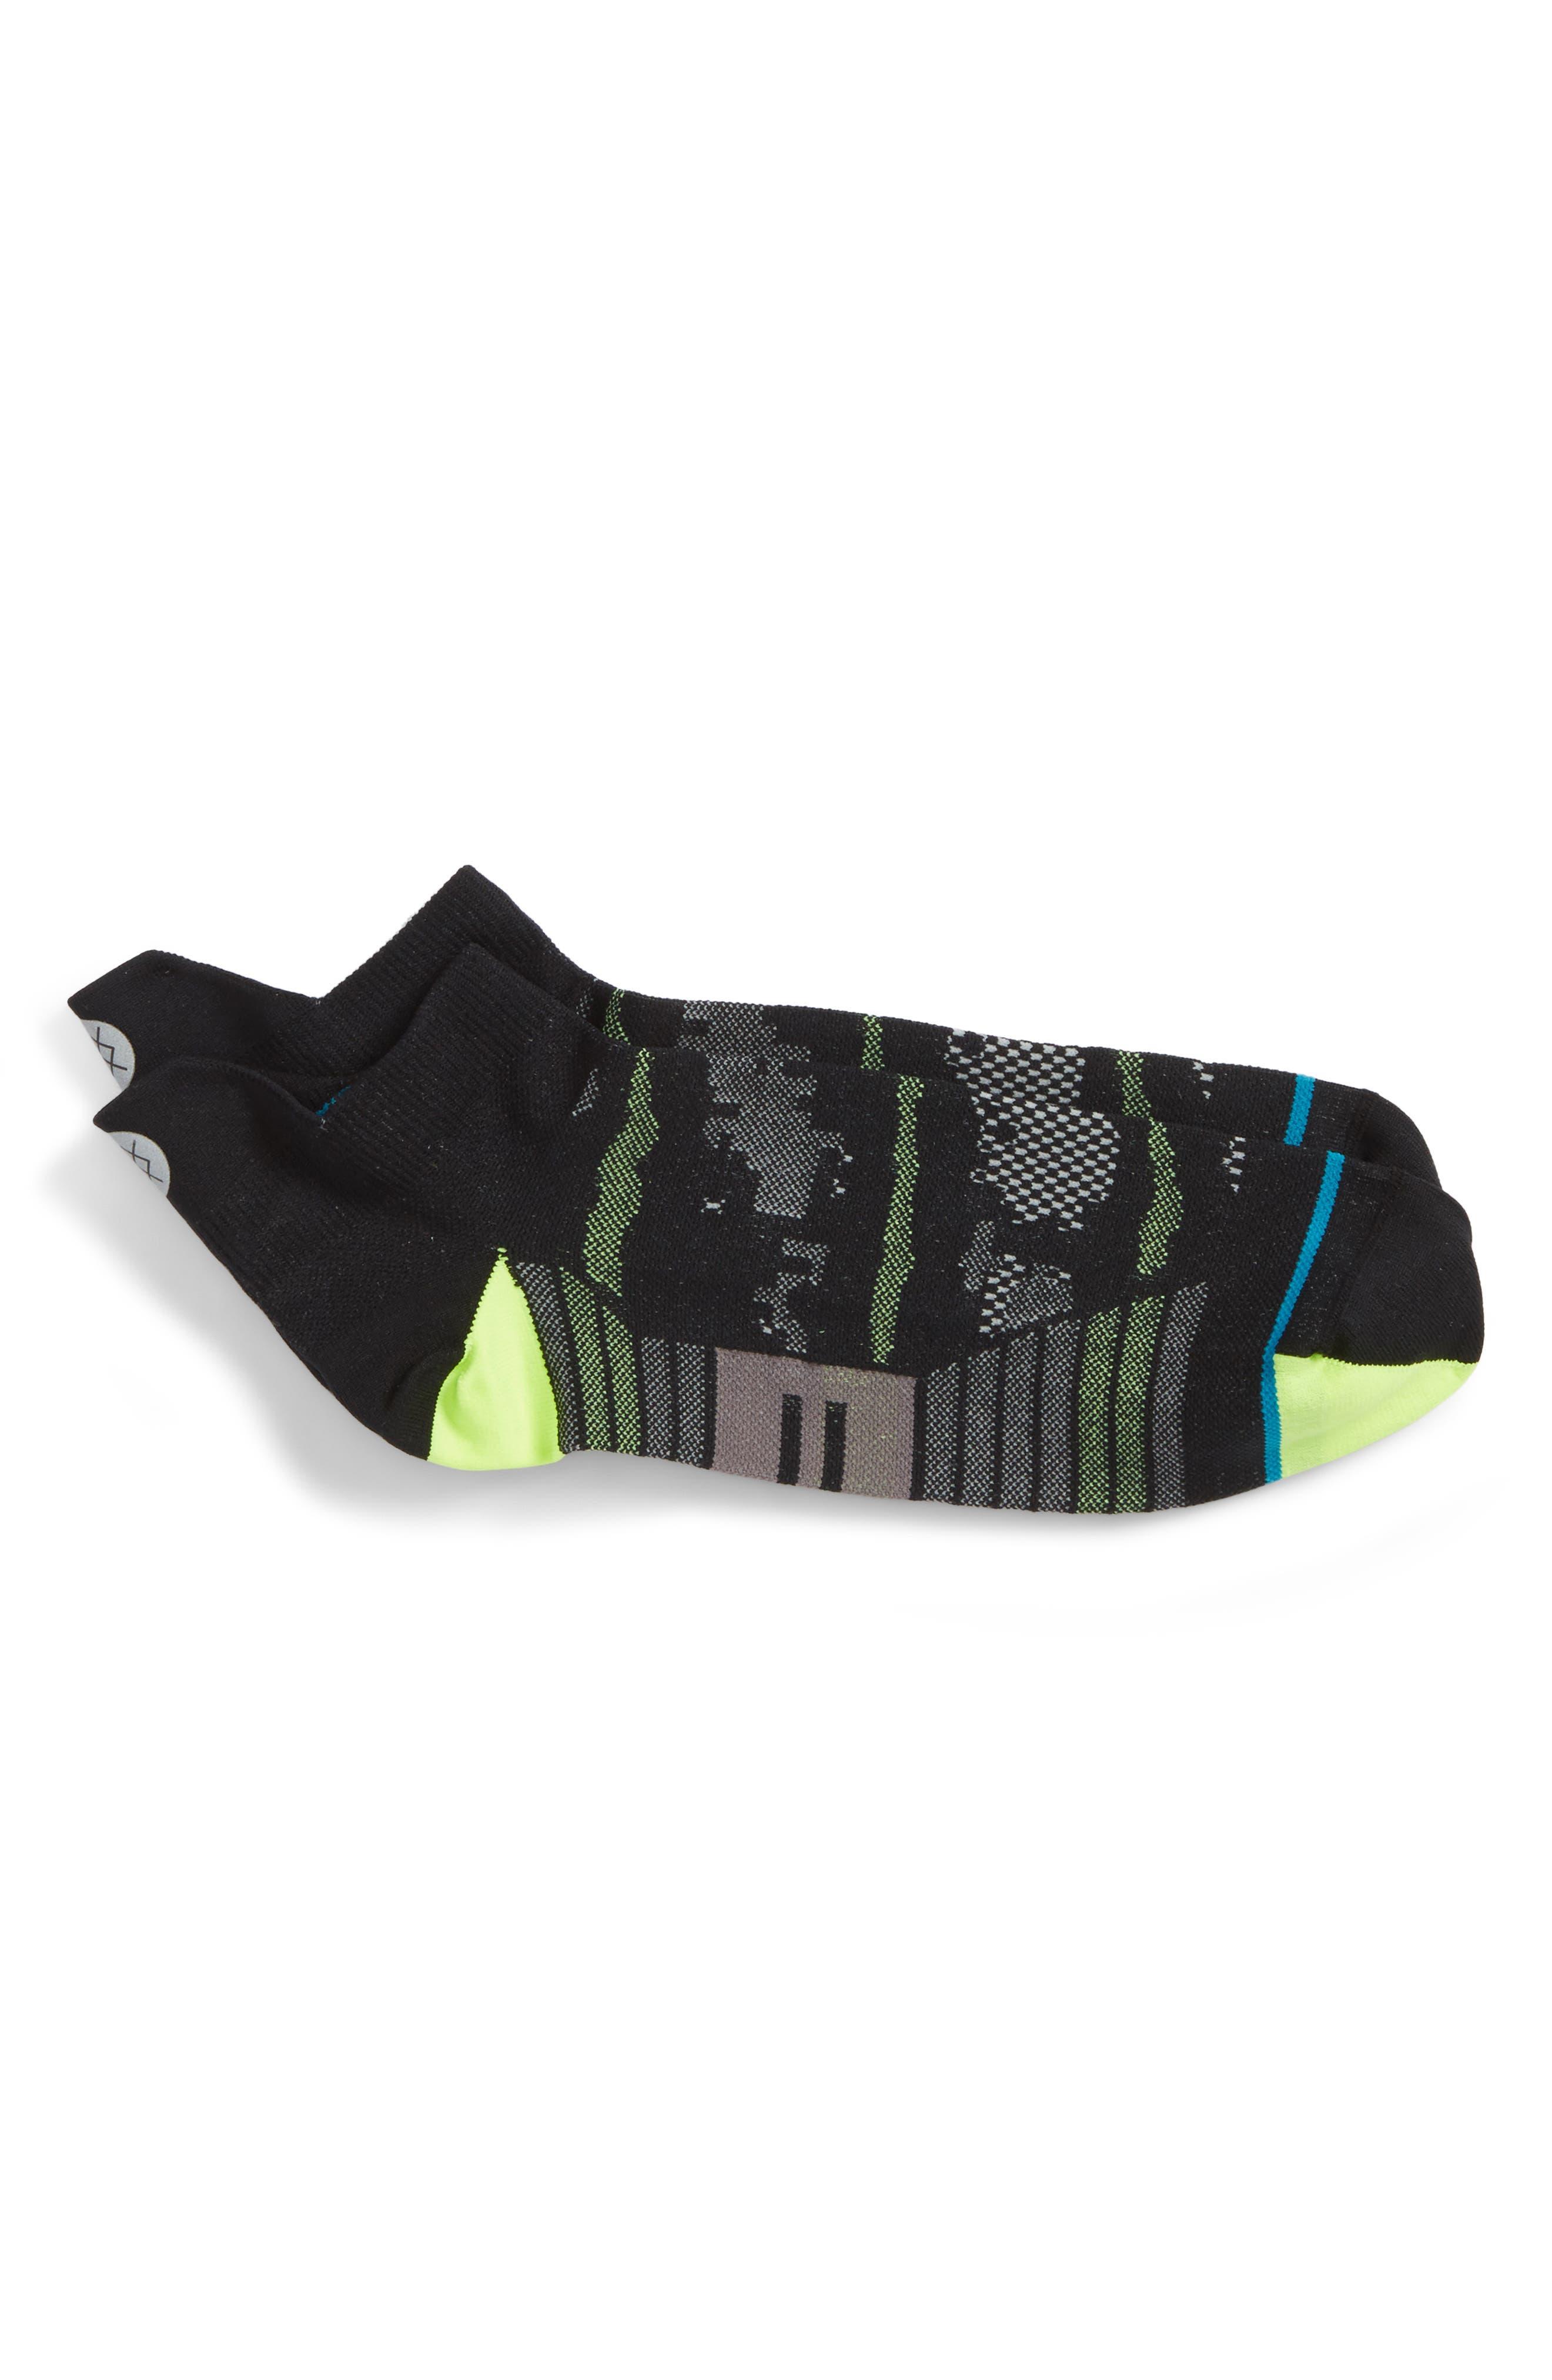 Night Light Tab Socks,                             Main thumbnail 1, color,                             Black